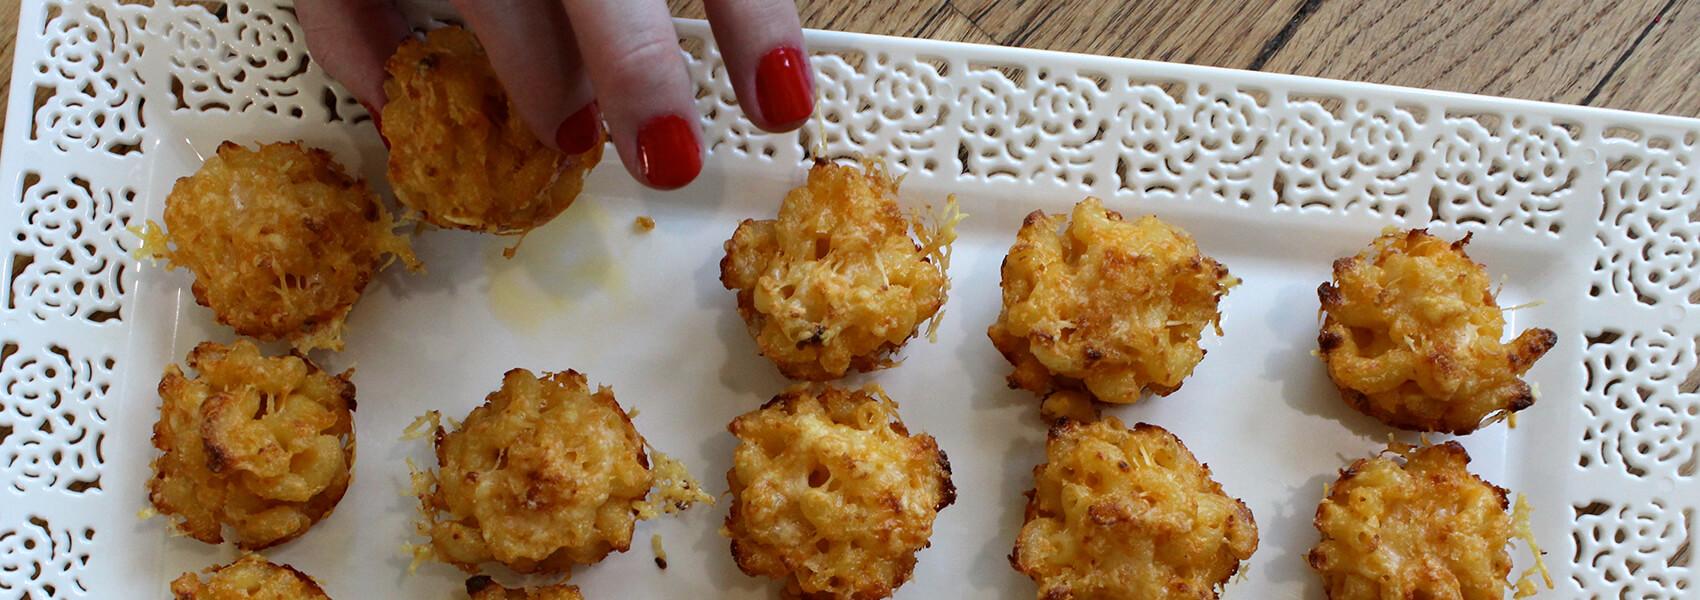 Mini Mac and Cheese Bits (Photo: Chelsi Fisher)